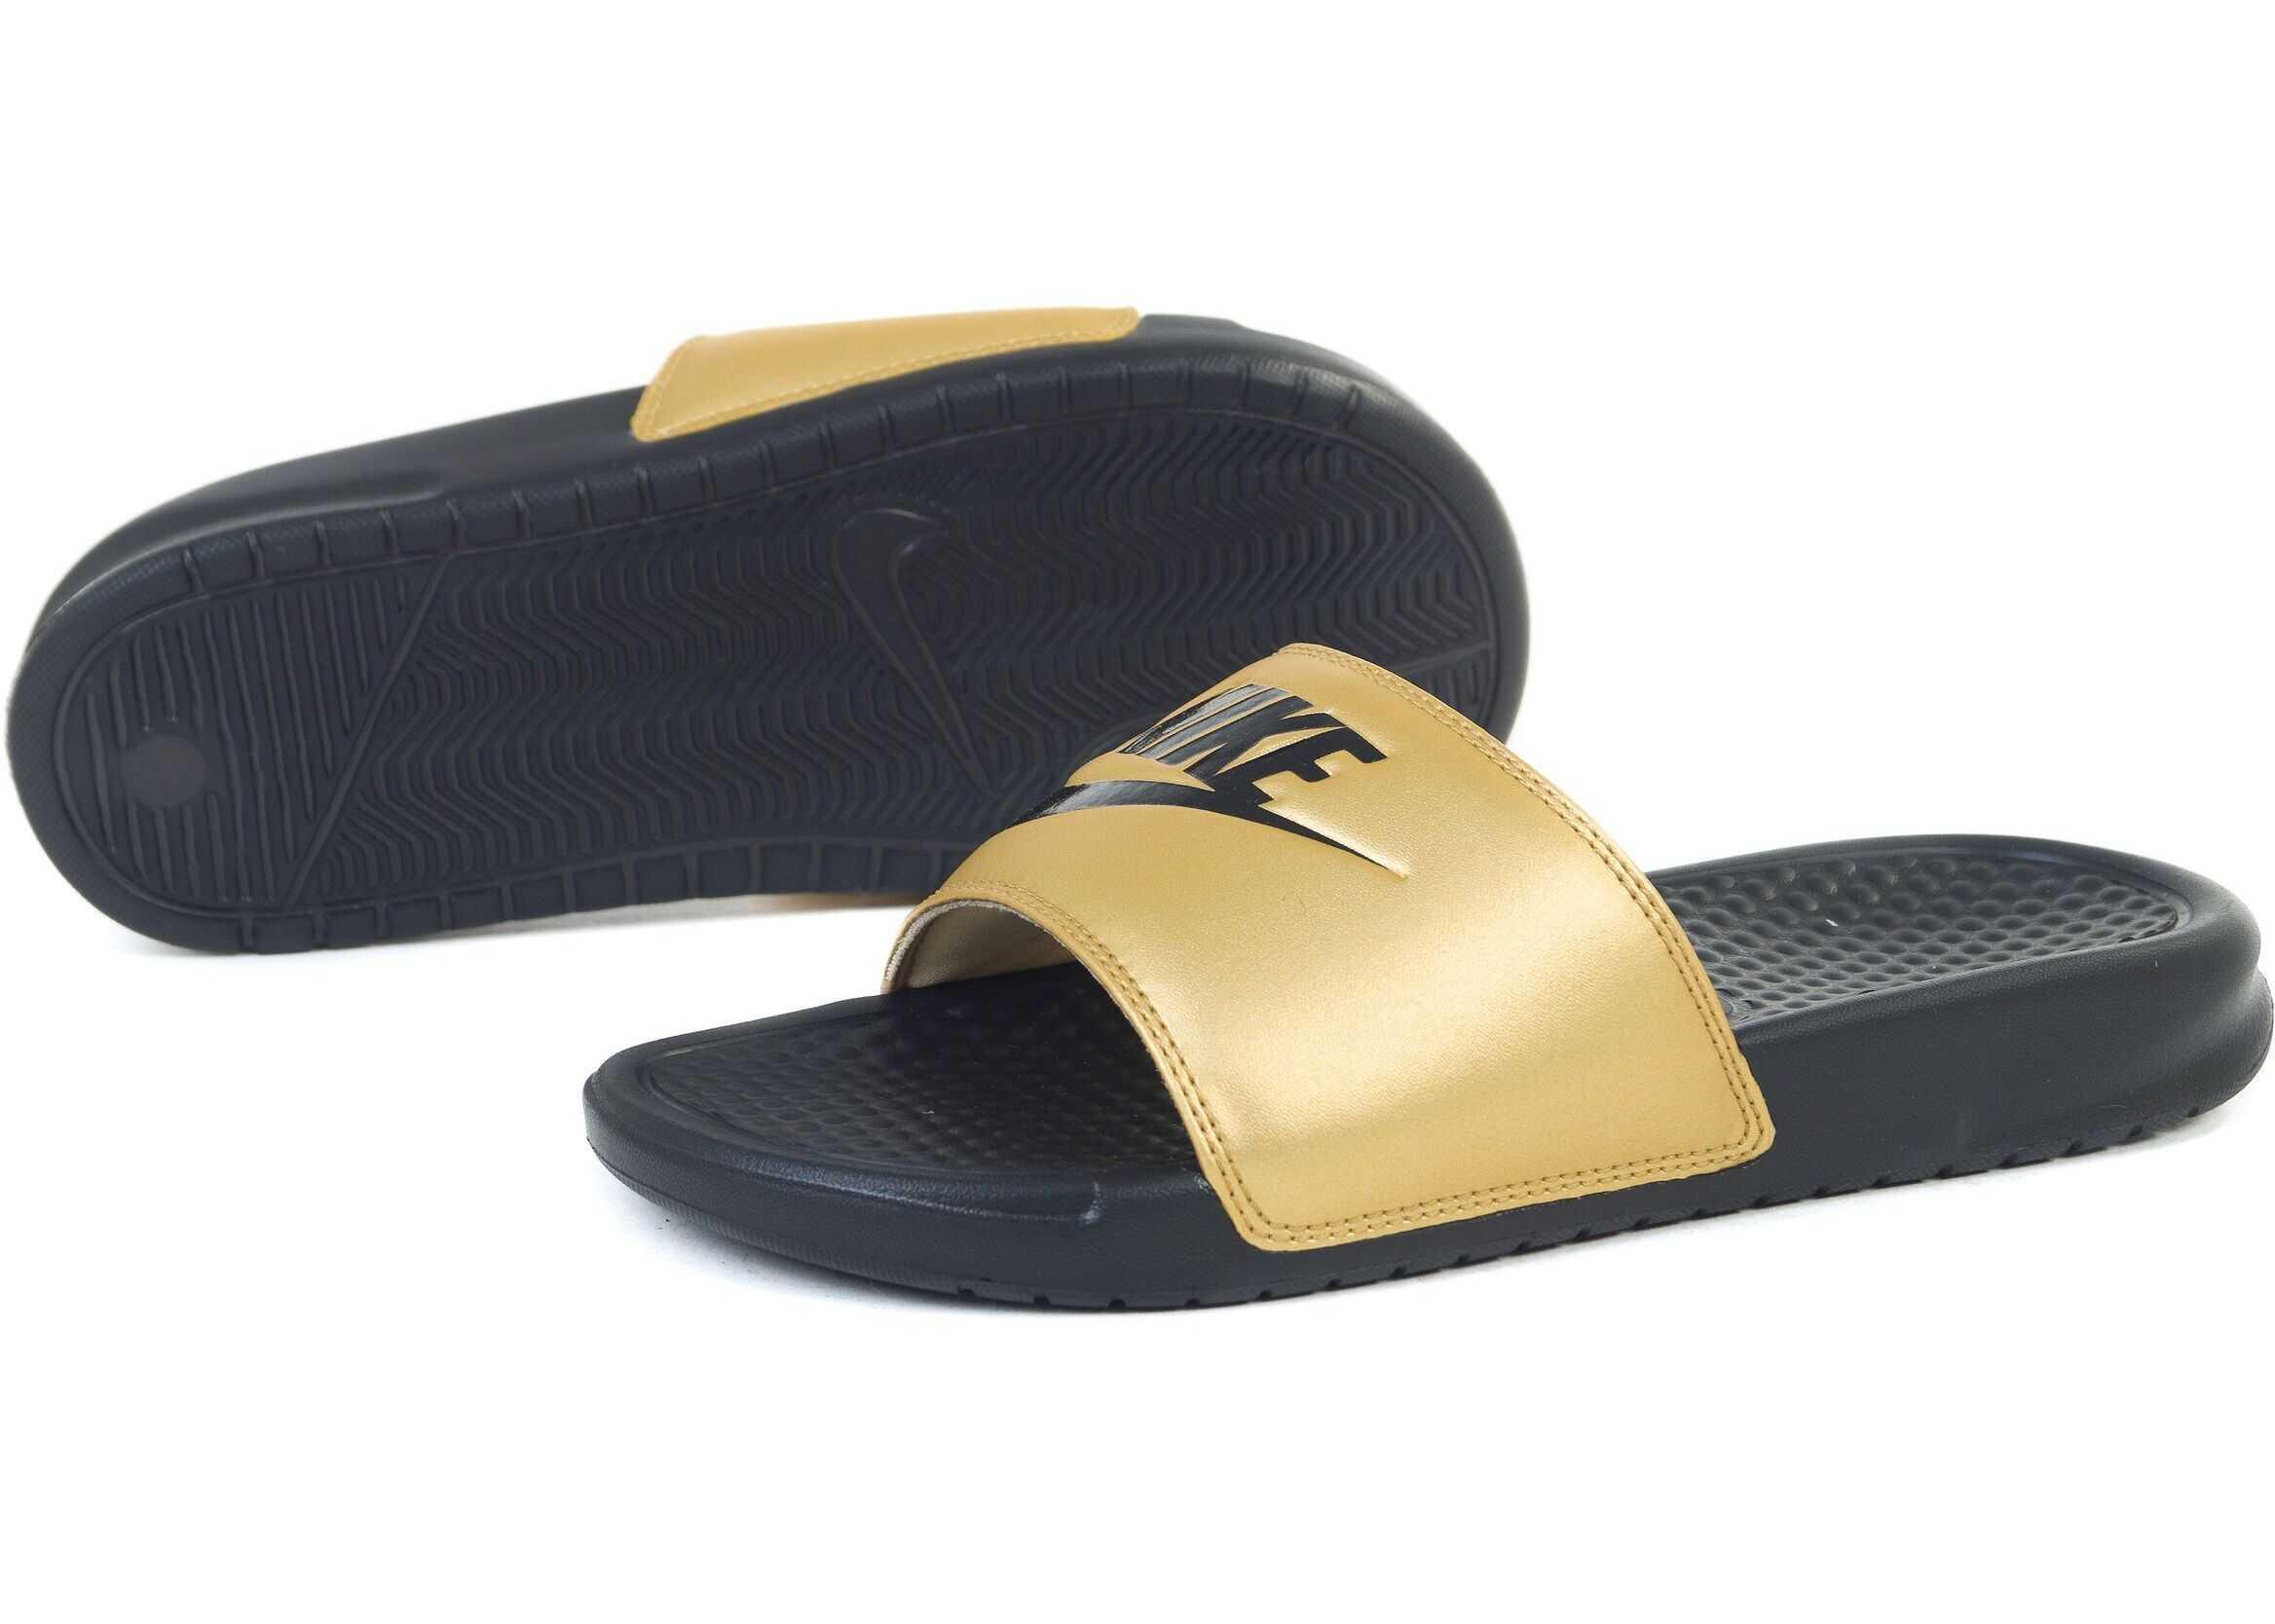 Nike Wmns Benassi Jdi Galben